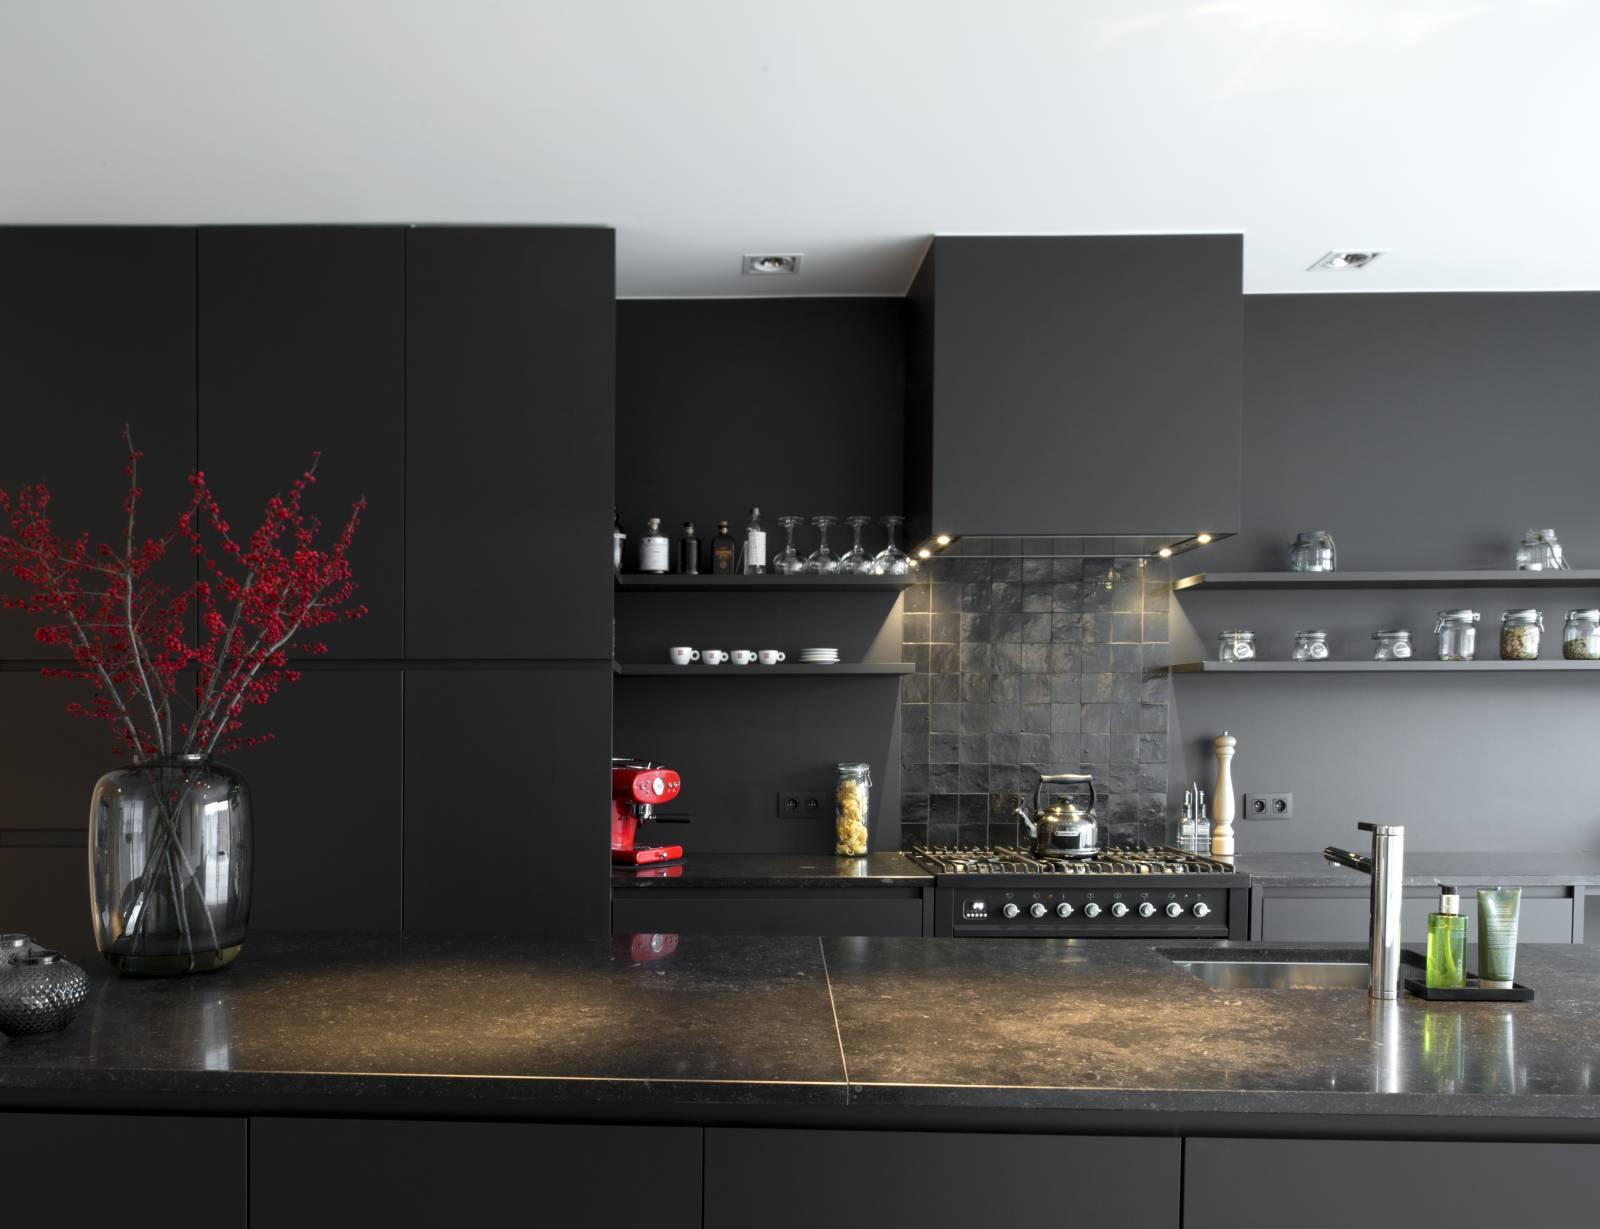 Keuken interieur · 2Do Interior Design